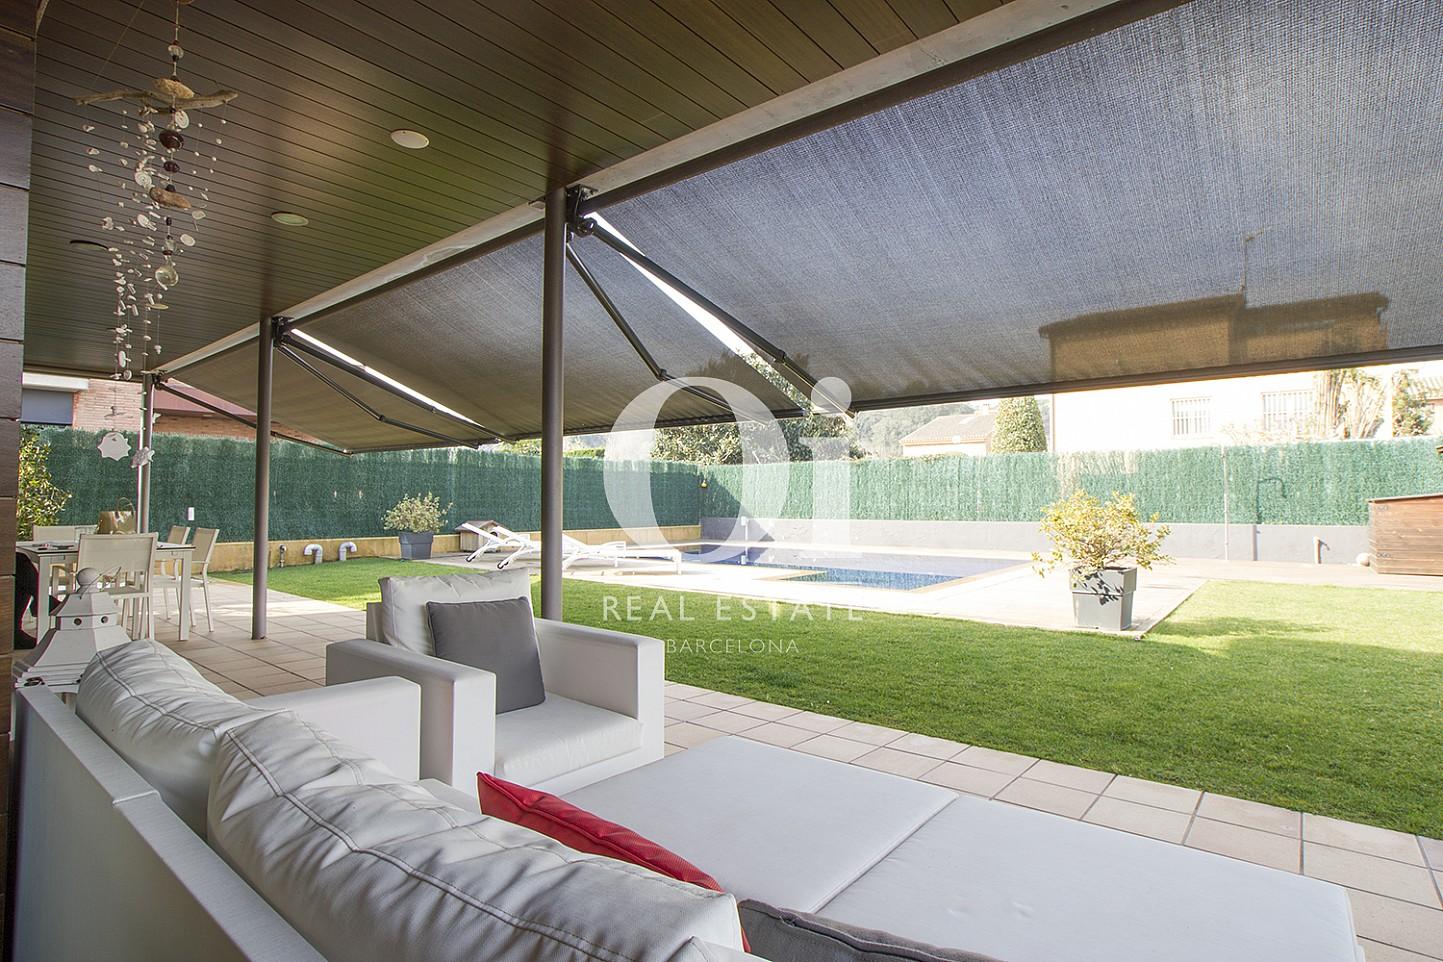 Терраса и столовая на открытом воздухе у дома на продажу в Cardedeu, Барселона